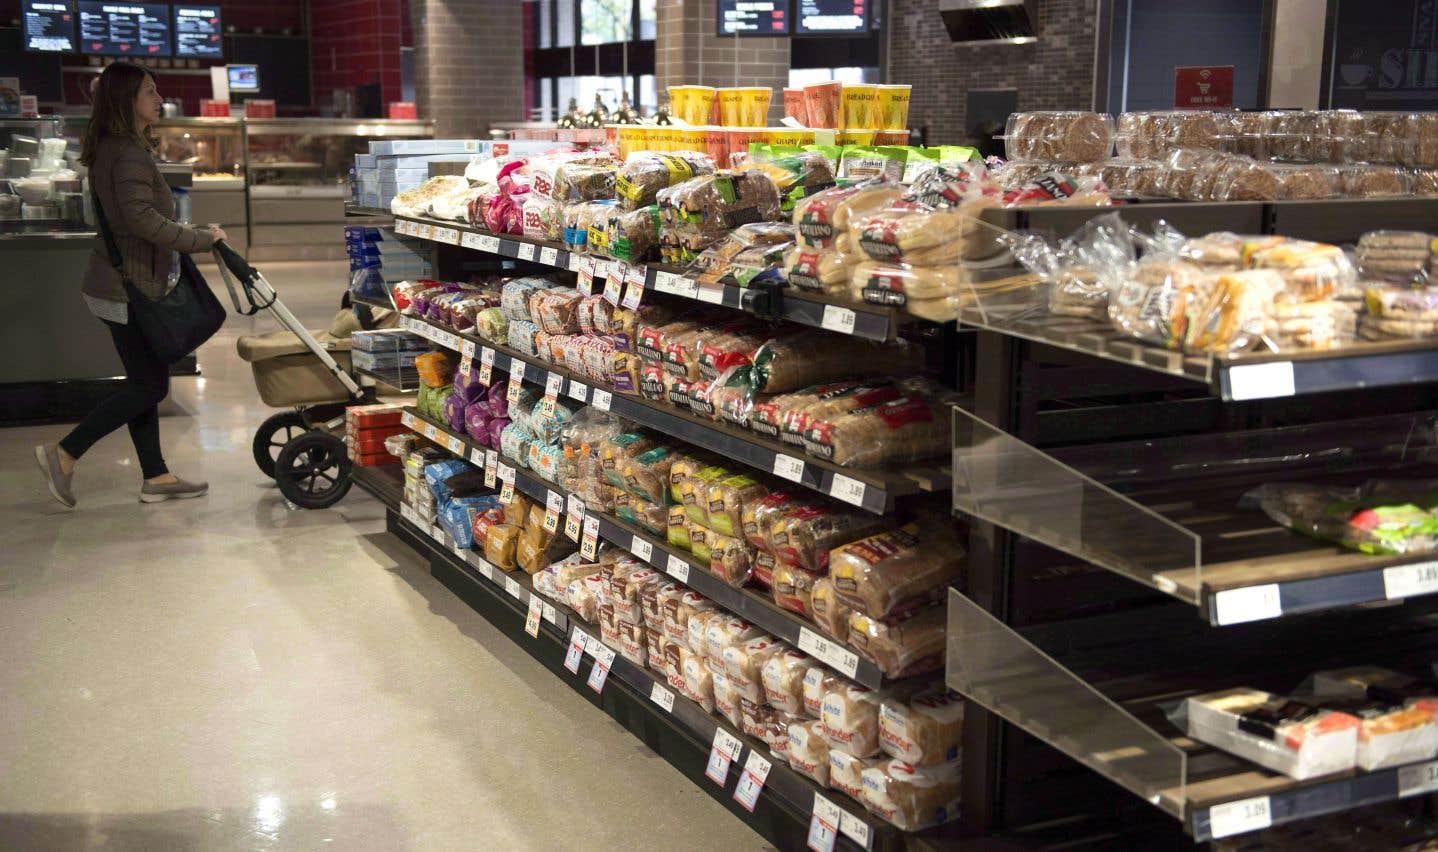 Une enquête du Bureau de la concurrence au sujet d'un présumé stratagème de fixation des prix du pain vise au moins sept entreprises.